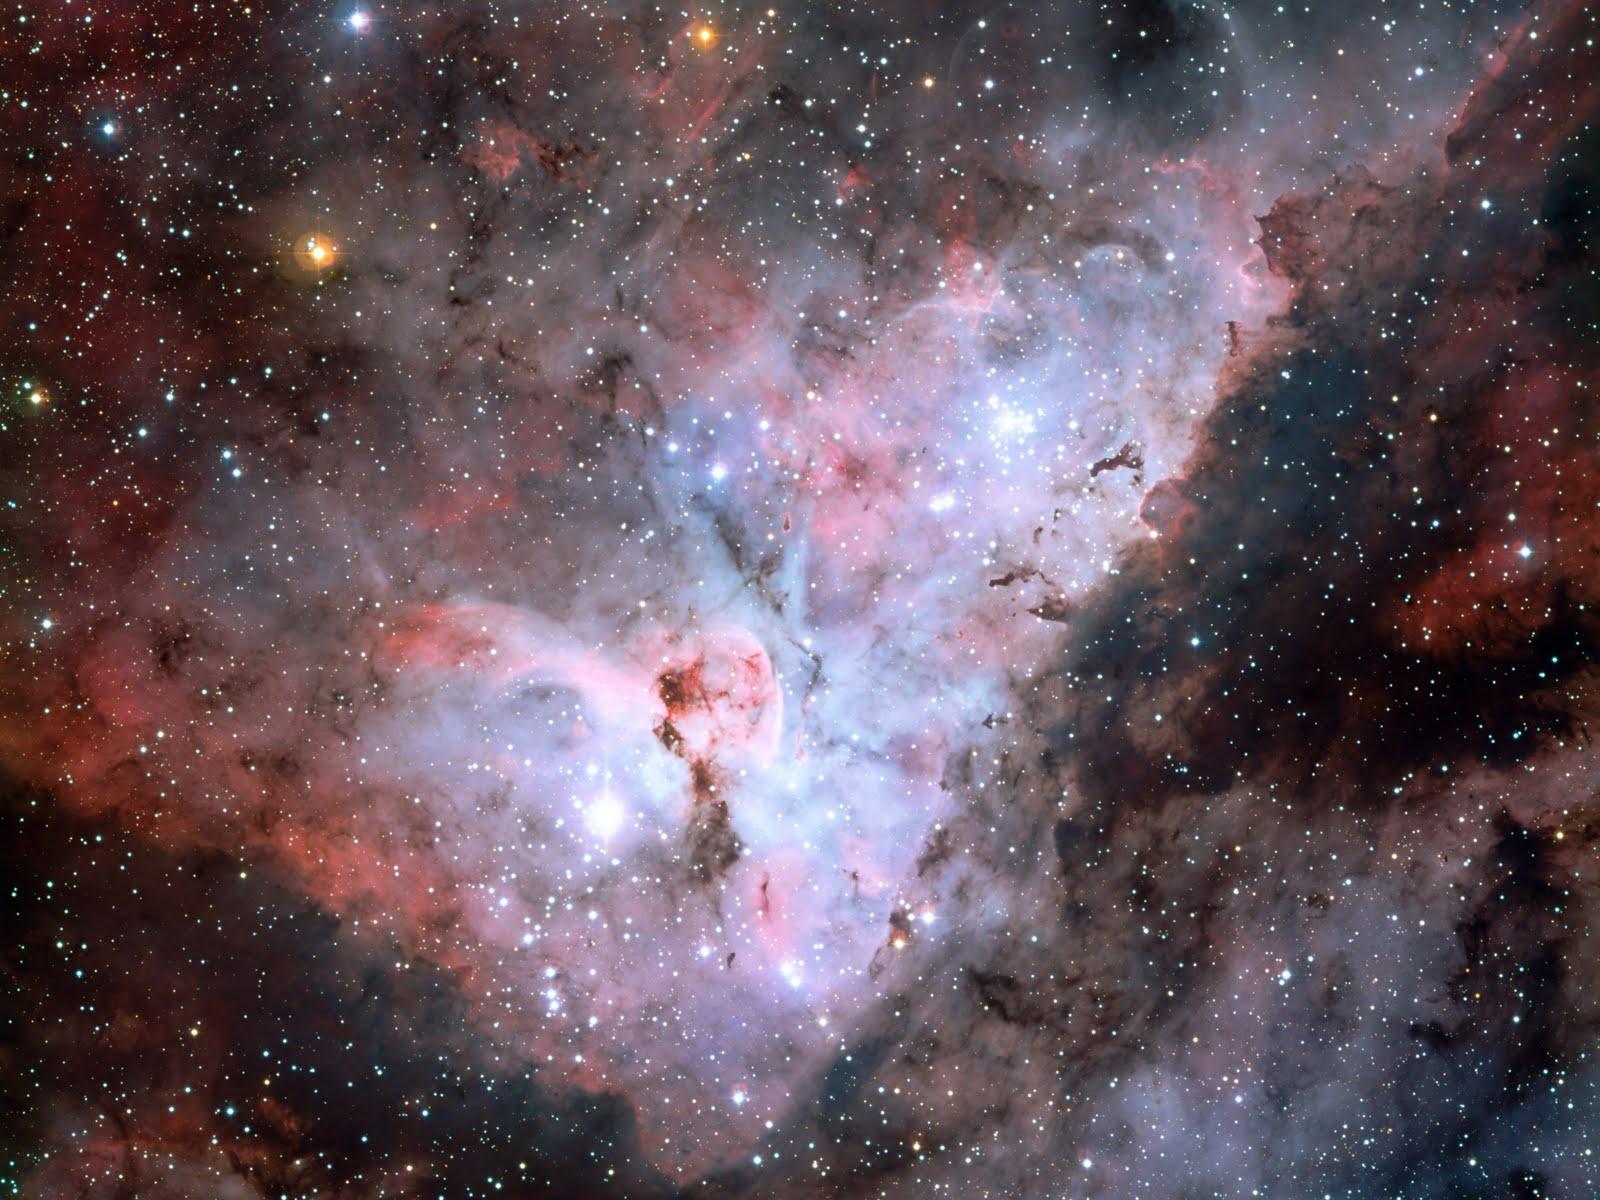 http://2.bp.blogspot.com/-Zfv8SIVKpIk/Tb0fiBwbDfI/AAAAAAAABHg/wNFMK3mdiCM/s1600/The-Great-Carina-Nebula.jpg